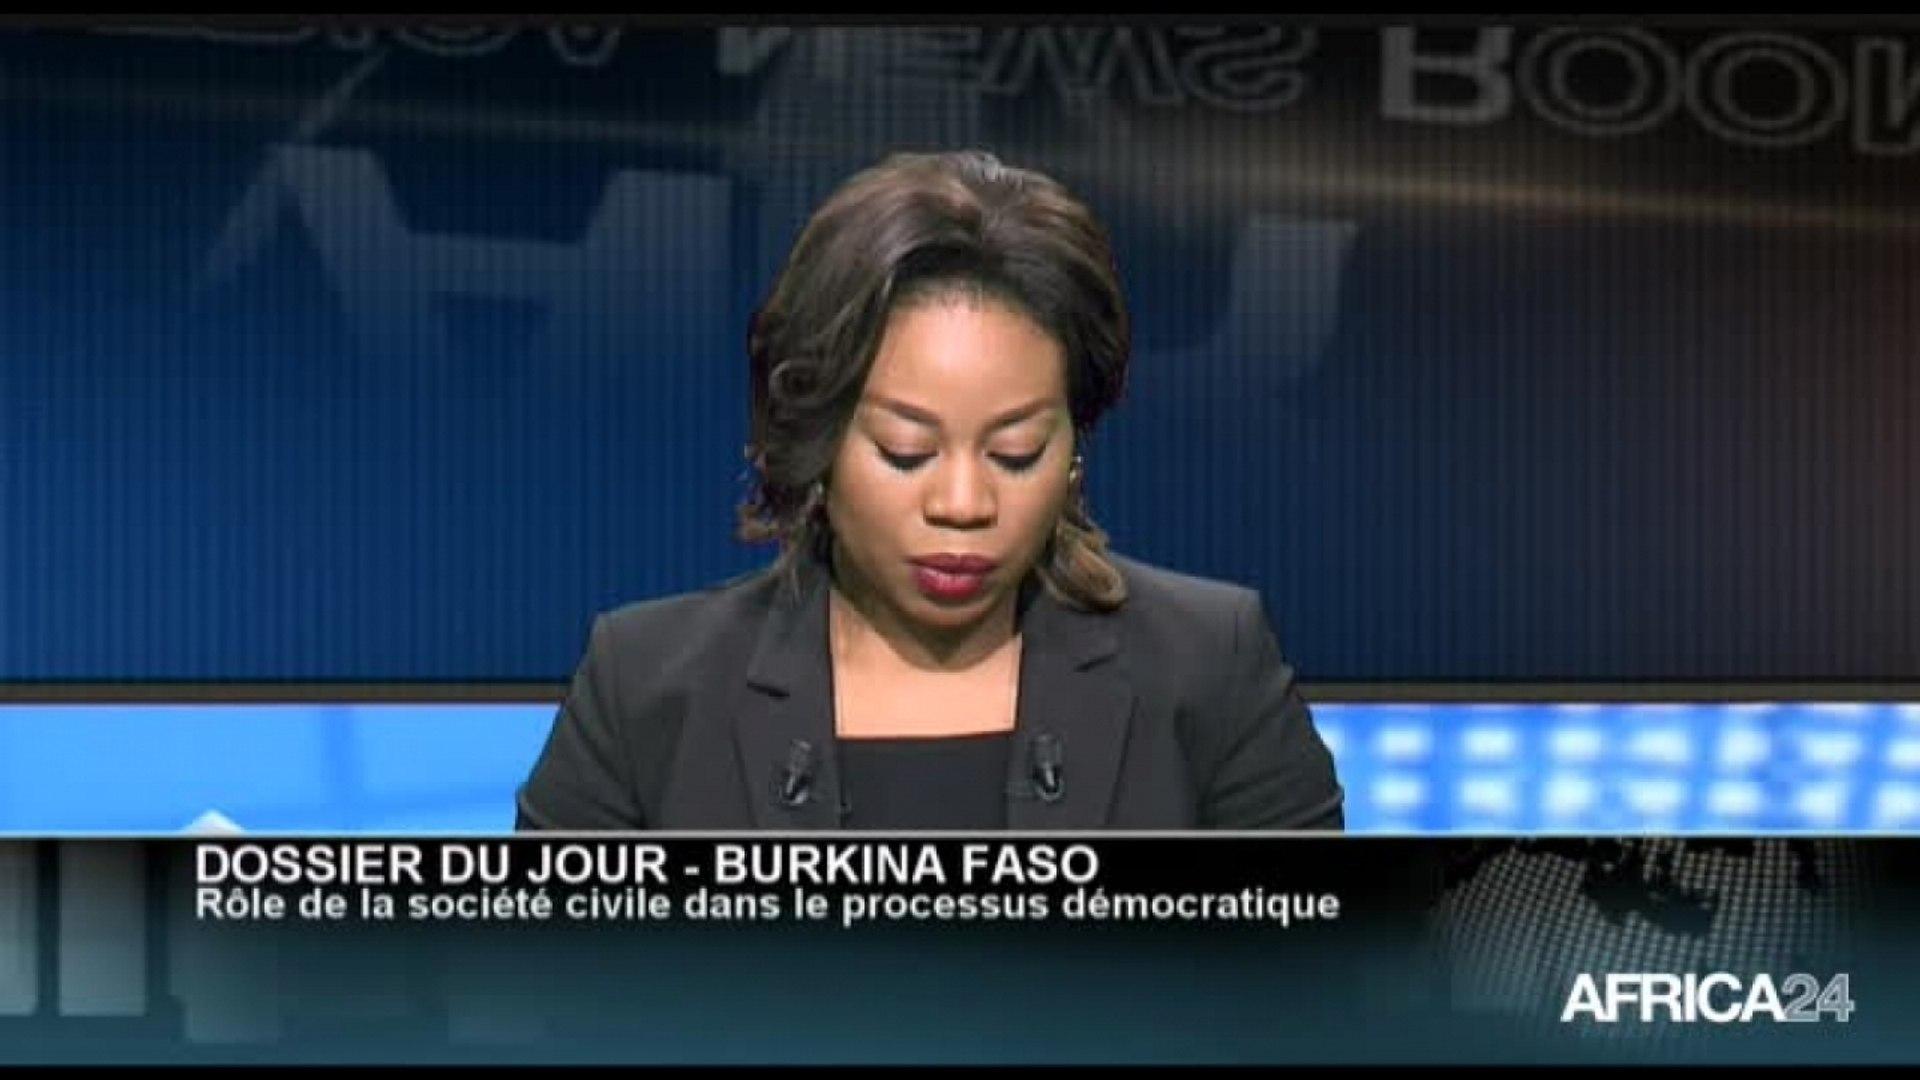 AFRICA NEWS ROOM - Burkina Faso: Rôle de la société civile dans le processus démocratique (1/3)